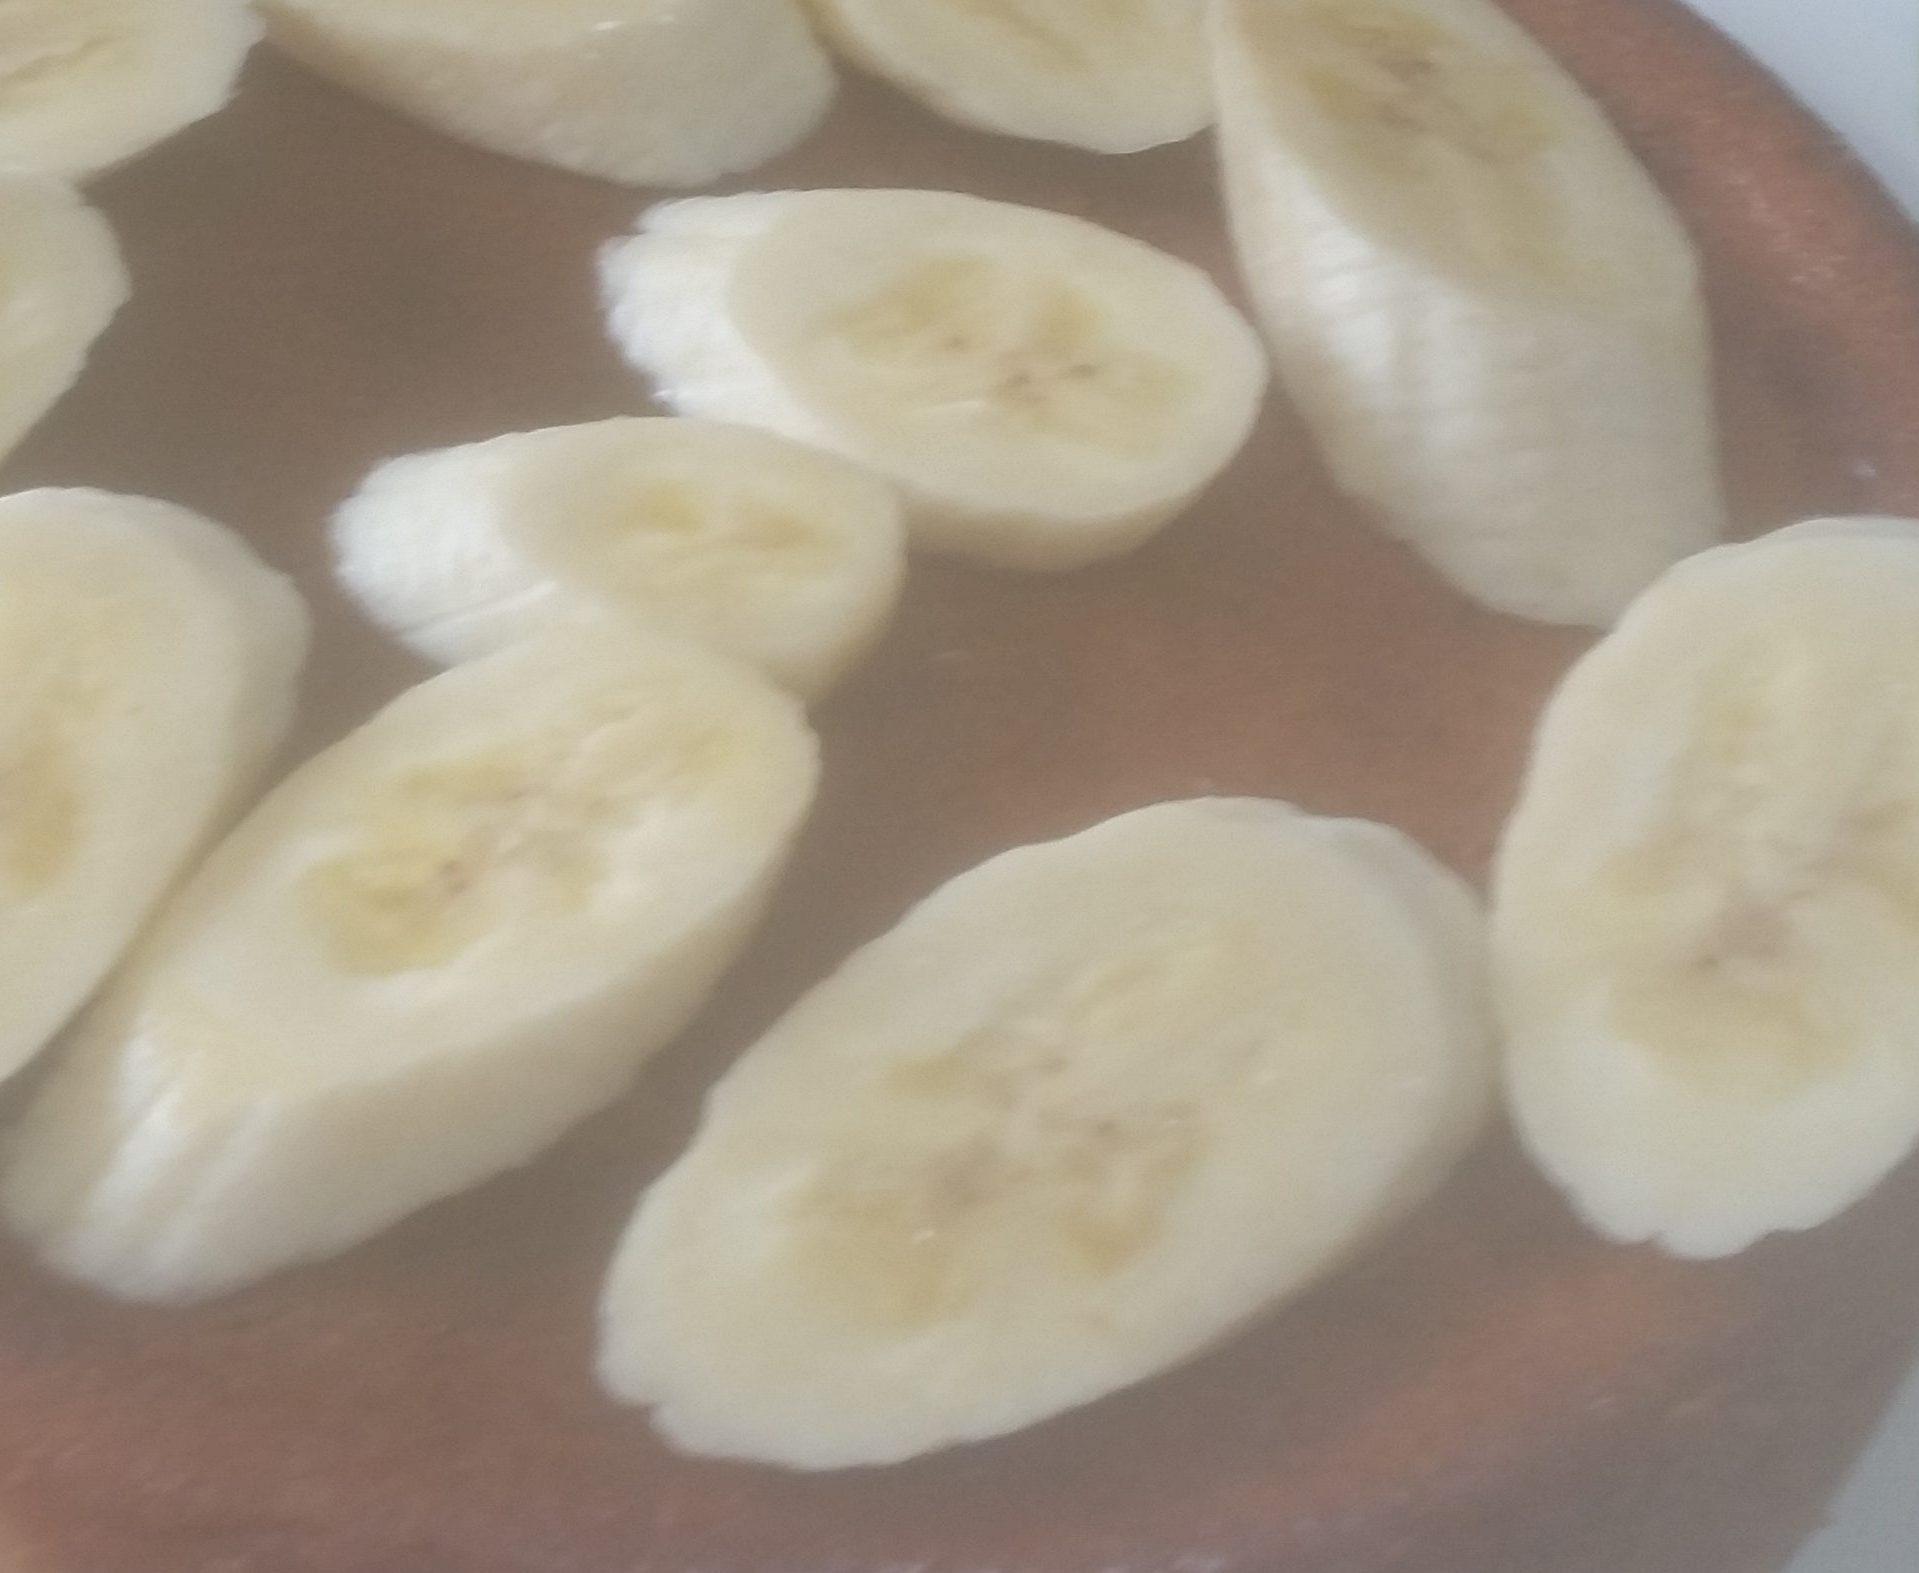 摂理スイーツサークル:ベイクドチーズケーキ~患難を超えて~